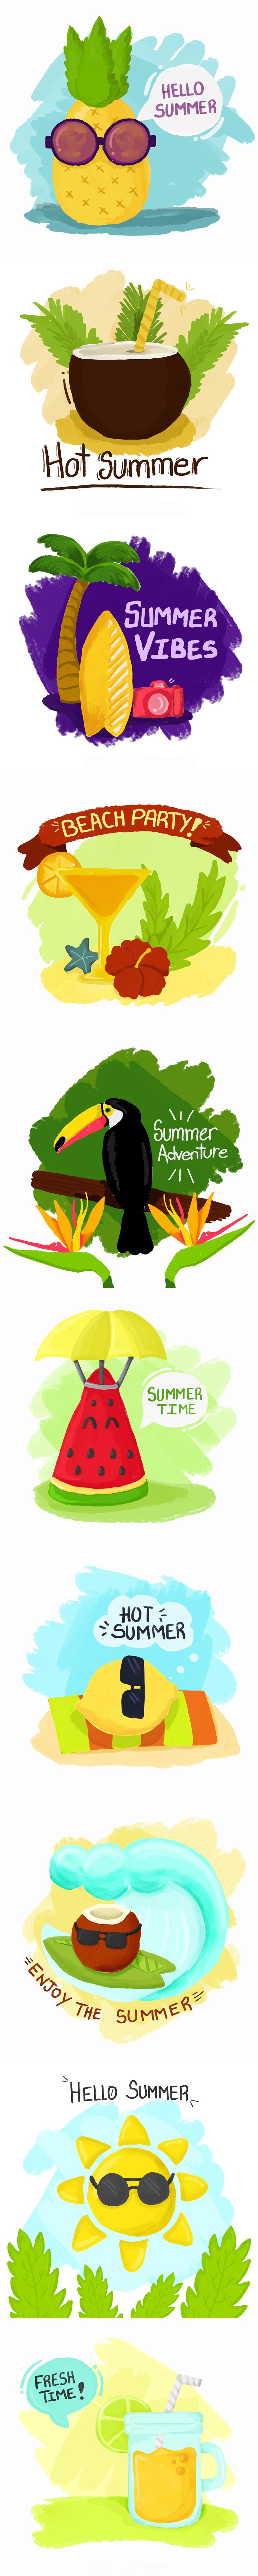 SUMMER-FREE-DEAL